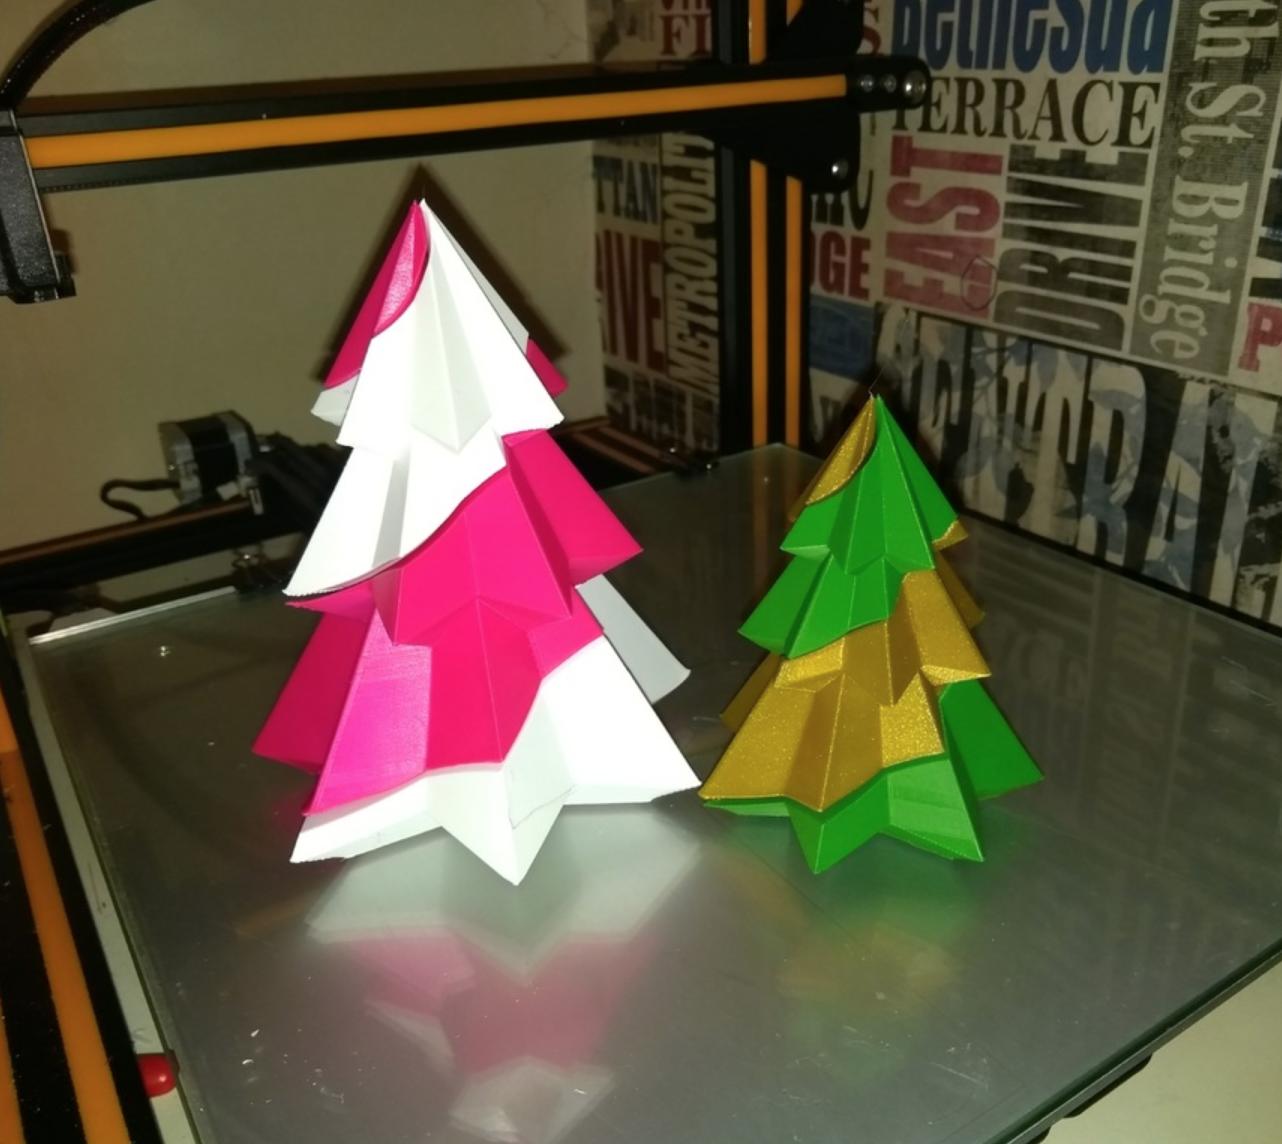 Capture d'écran 2017-12-13 à 13.00.51.png Download free STL file Candy Cane Christmas Tree • 3D printable design, Bugman_140